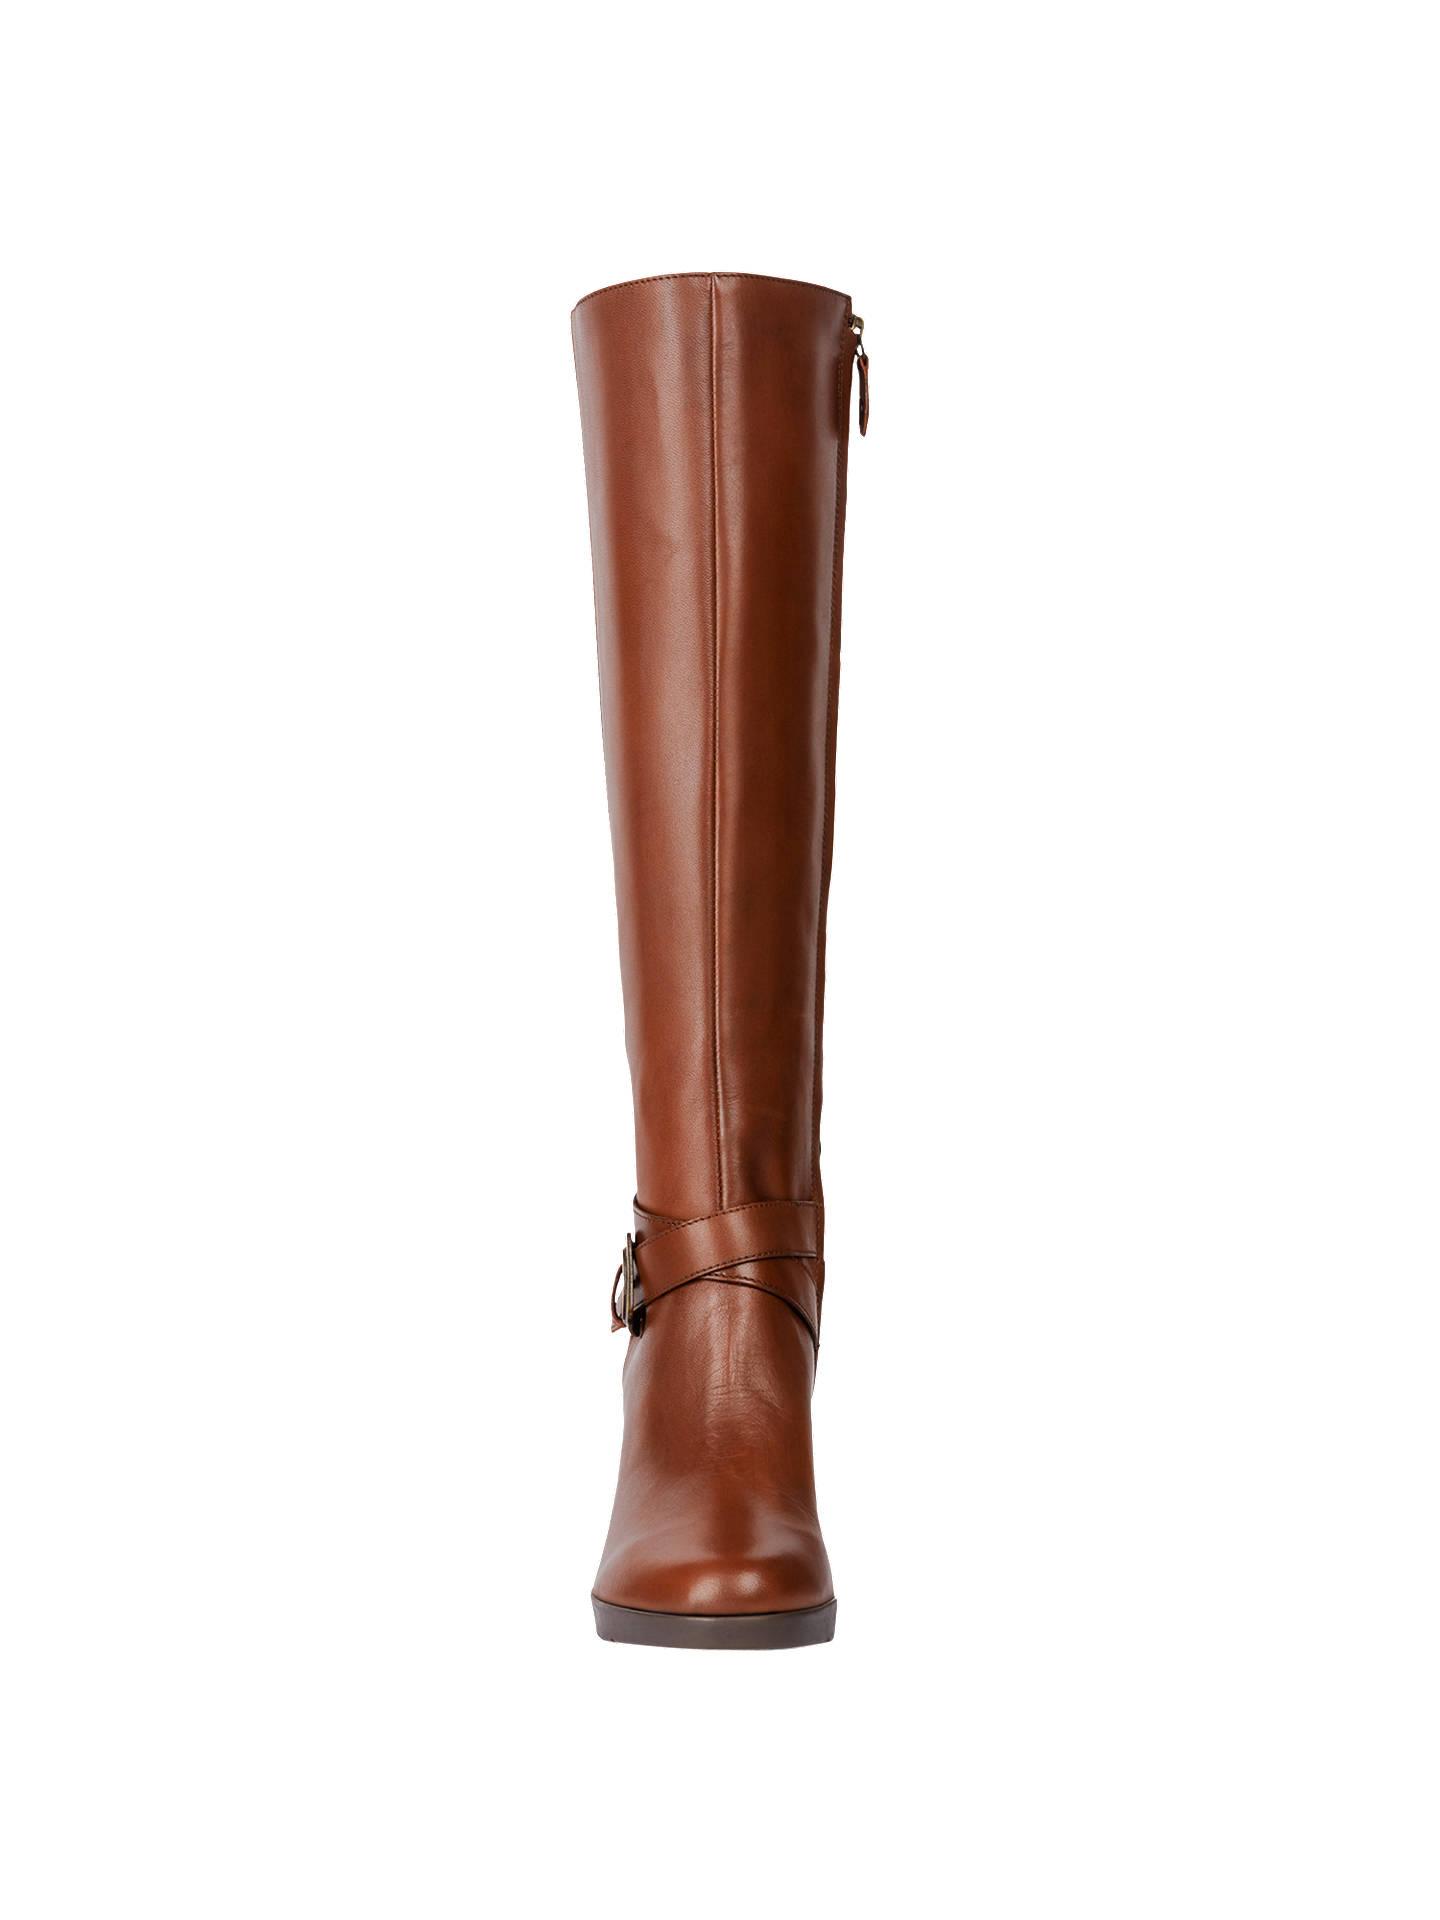 6f7208a766e Geox Women s Annya Buckle Block Heel Knee High Boots at John Lewis ...